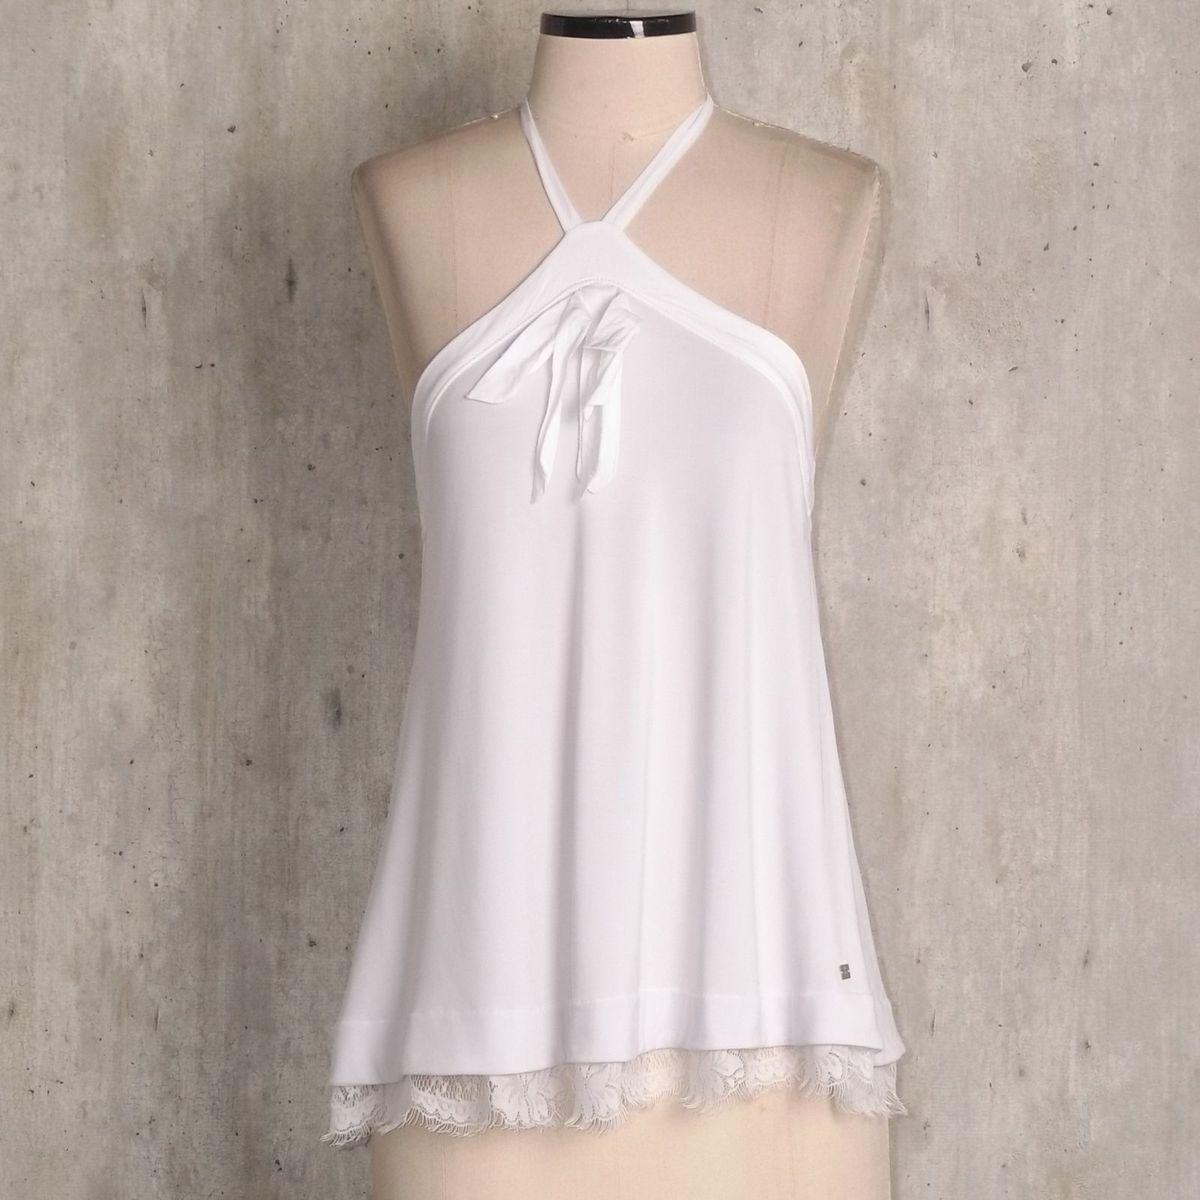 7f68ebeb41 Blusa Branca Frente Unica